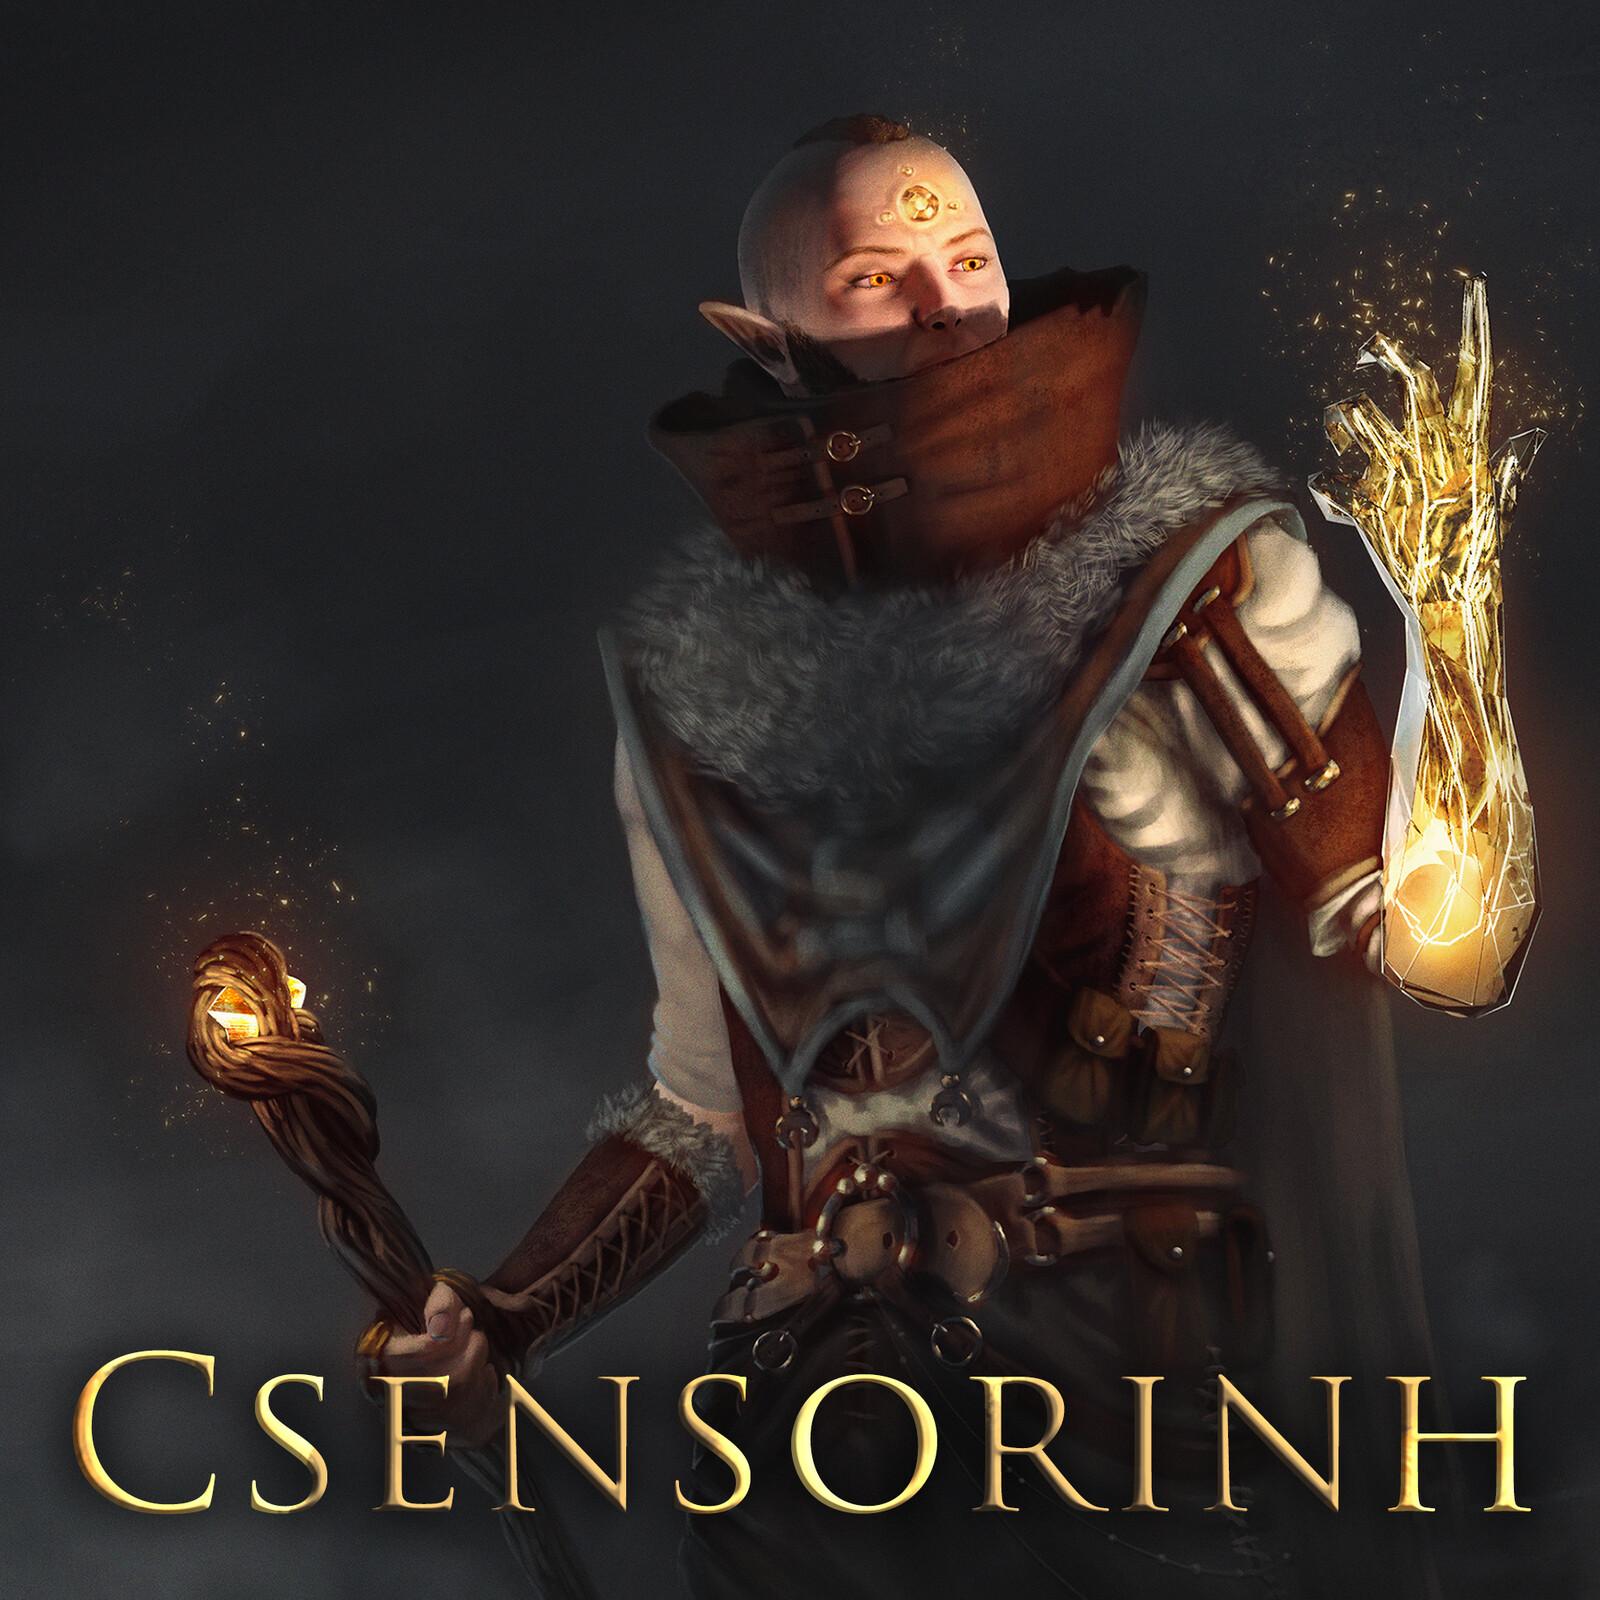 CSENSORINH - Uthorim Concept